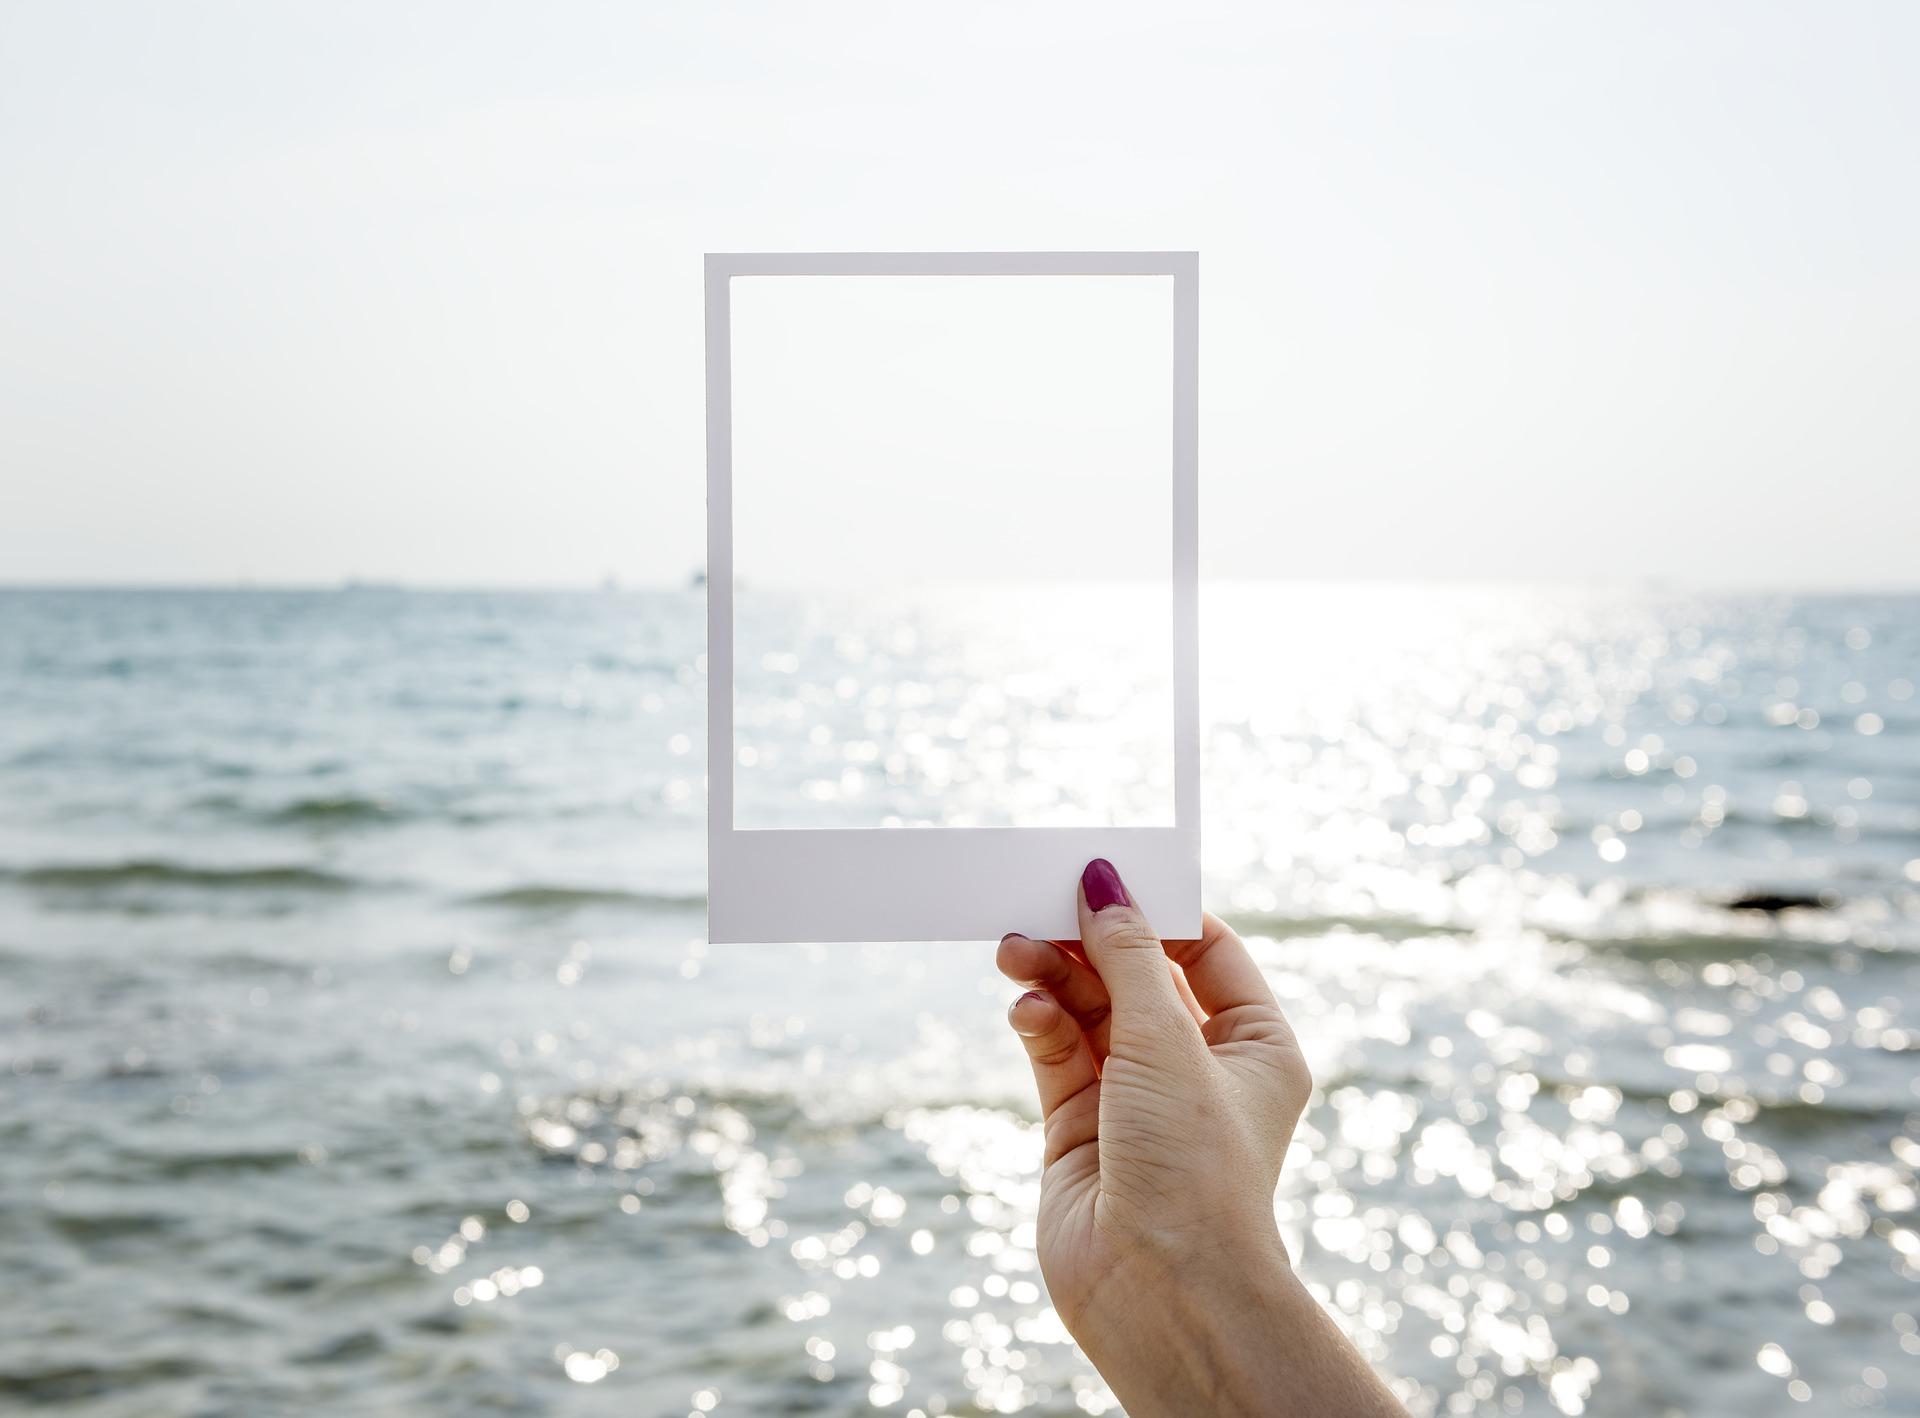 Eine weibliche Hand hält einen weißen Bilderrahmen hoch. Dahinter sieht man einen weiten Meeresblick. Ein Teil des Horizonts wird nun eingerahmt.